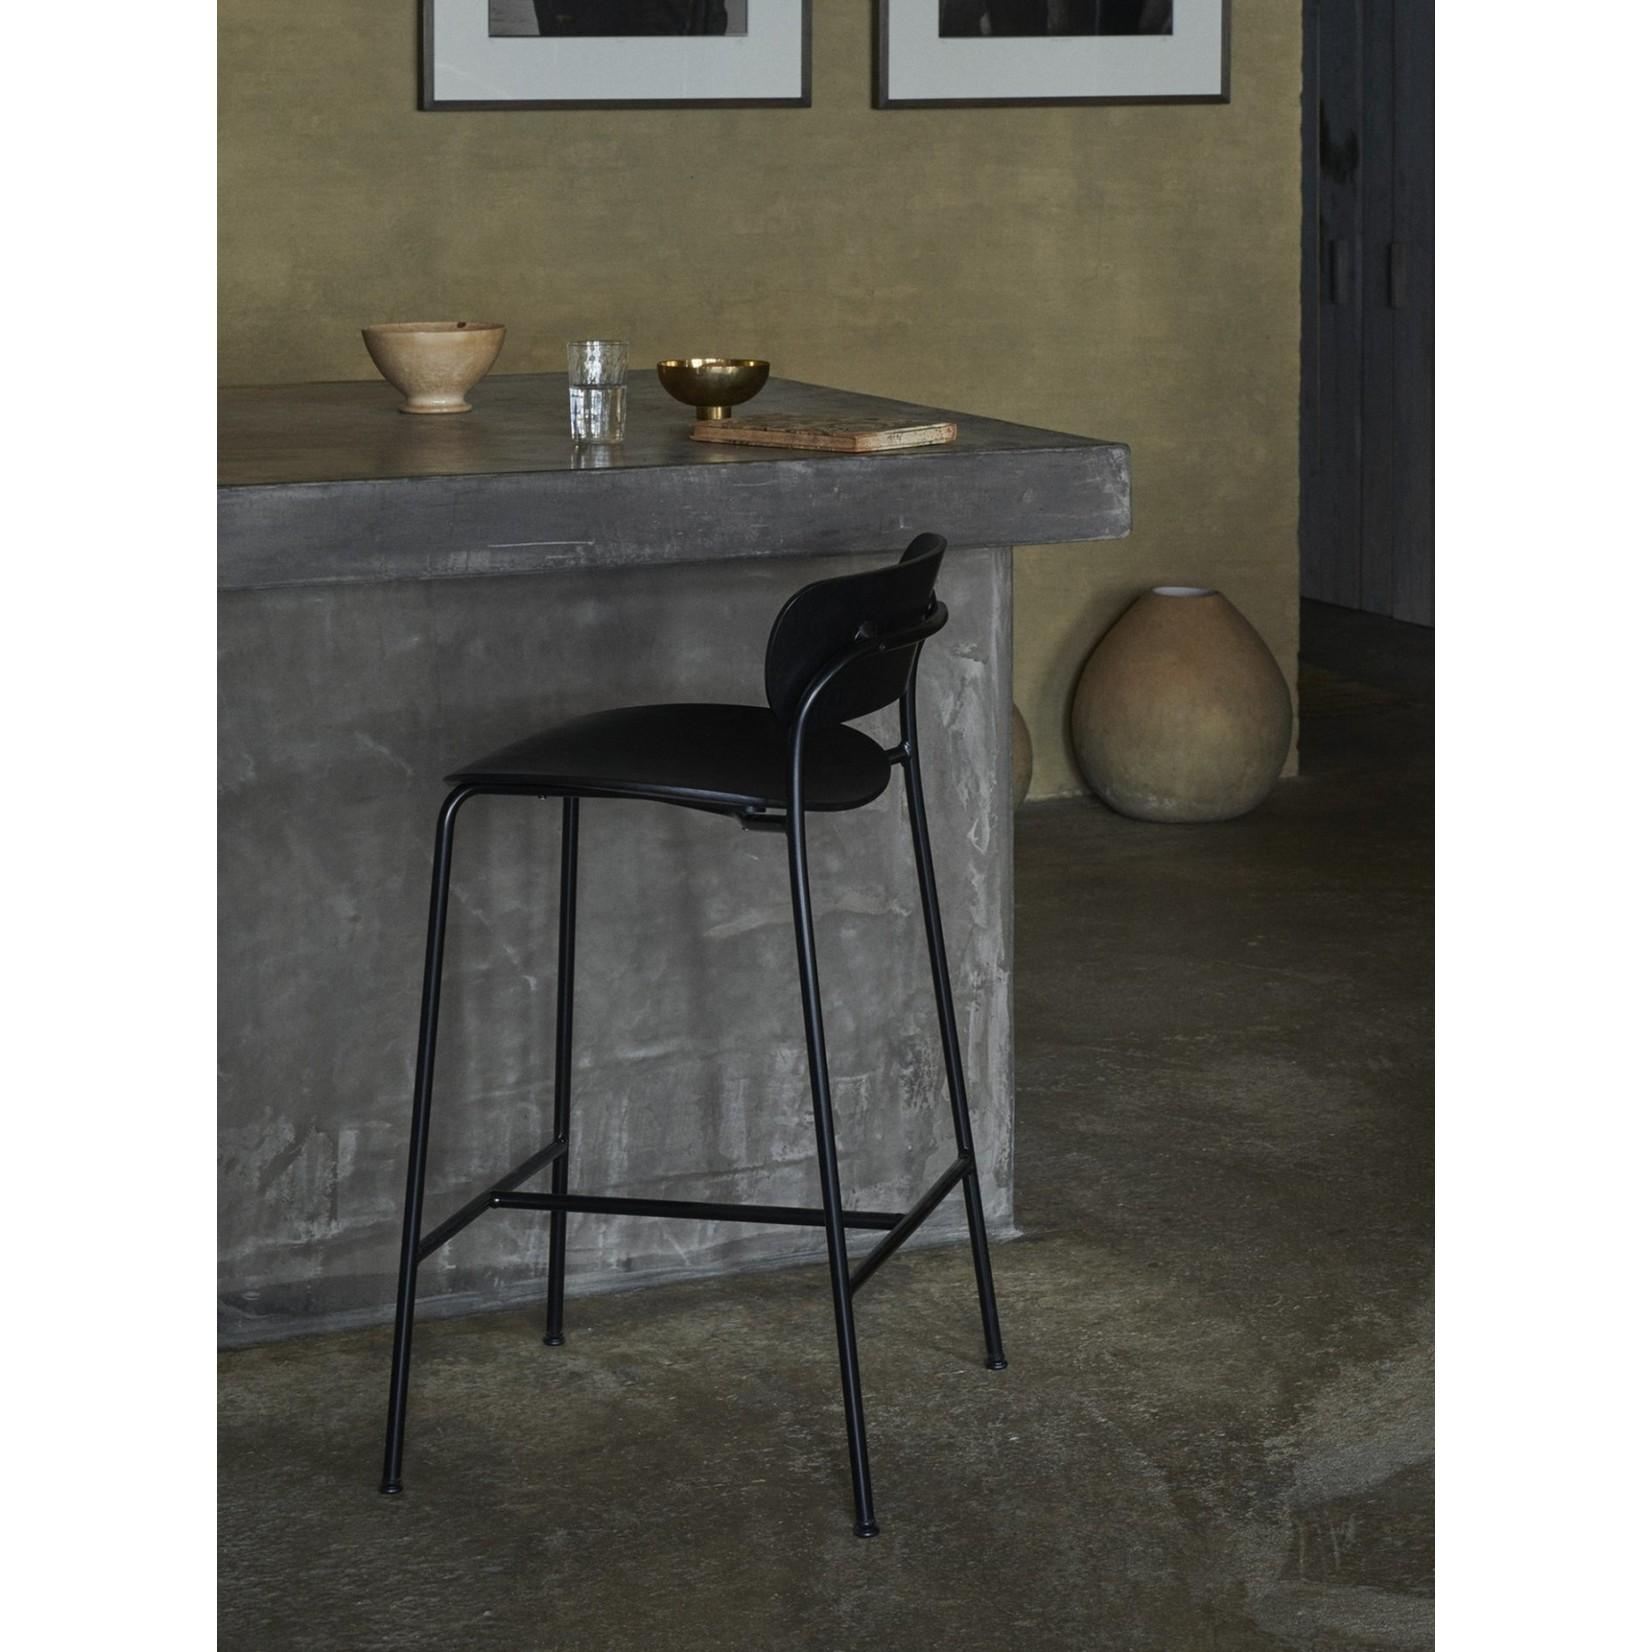 &Tradition Barkruk Pavilion AV9 75 cm | Black lacquered oak